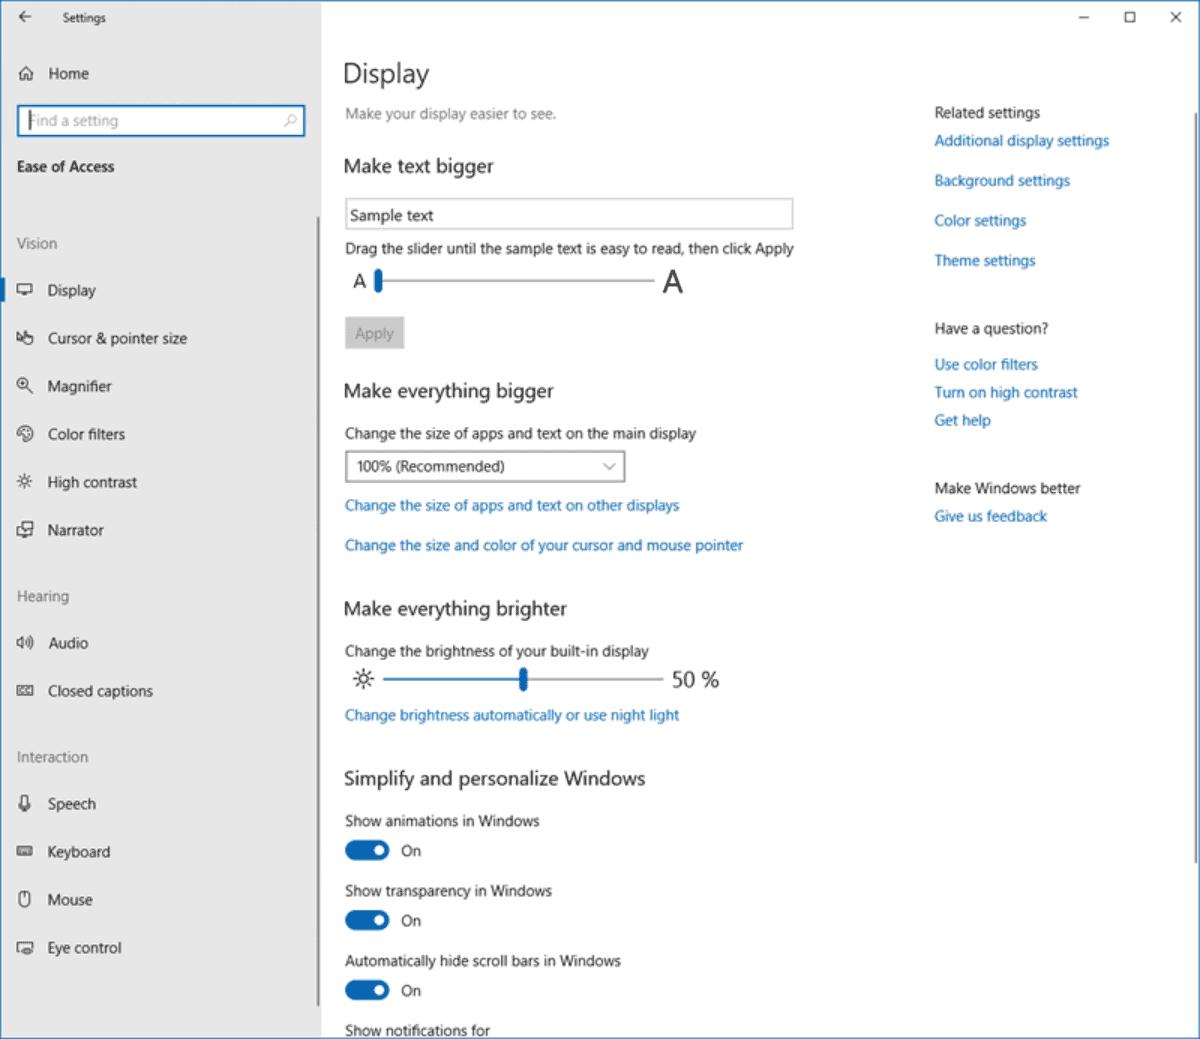 Modify Ease of Access settings